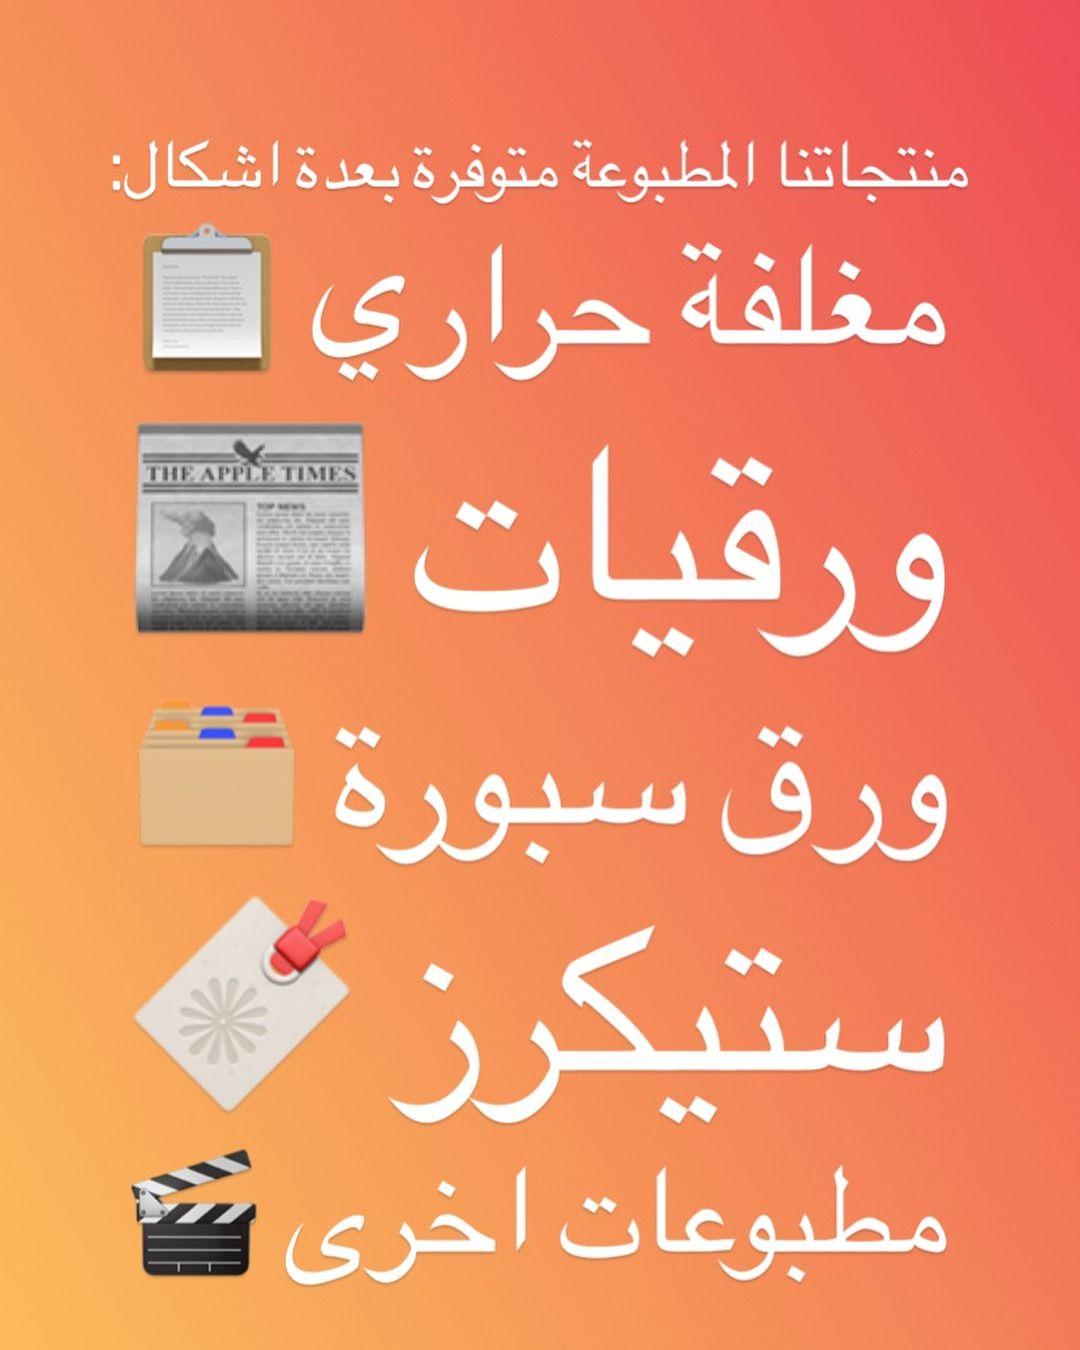 اقسام المنتجات المطبوعة المختلفة حرك الصور لليسار لمشاهدة الاقسام كاملة ولزيارة الرابط يمكنك مشاهدة الاق Instagram Posts Instagram Arabic Calligraphy